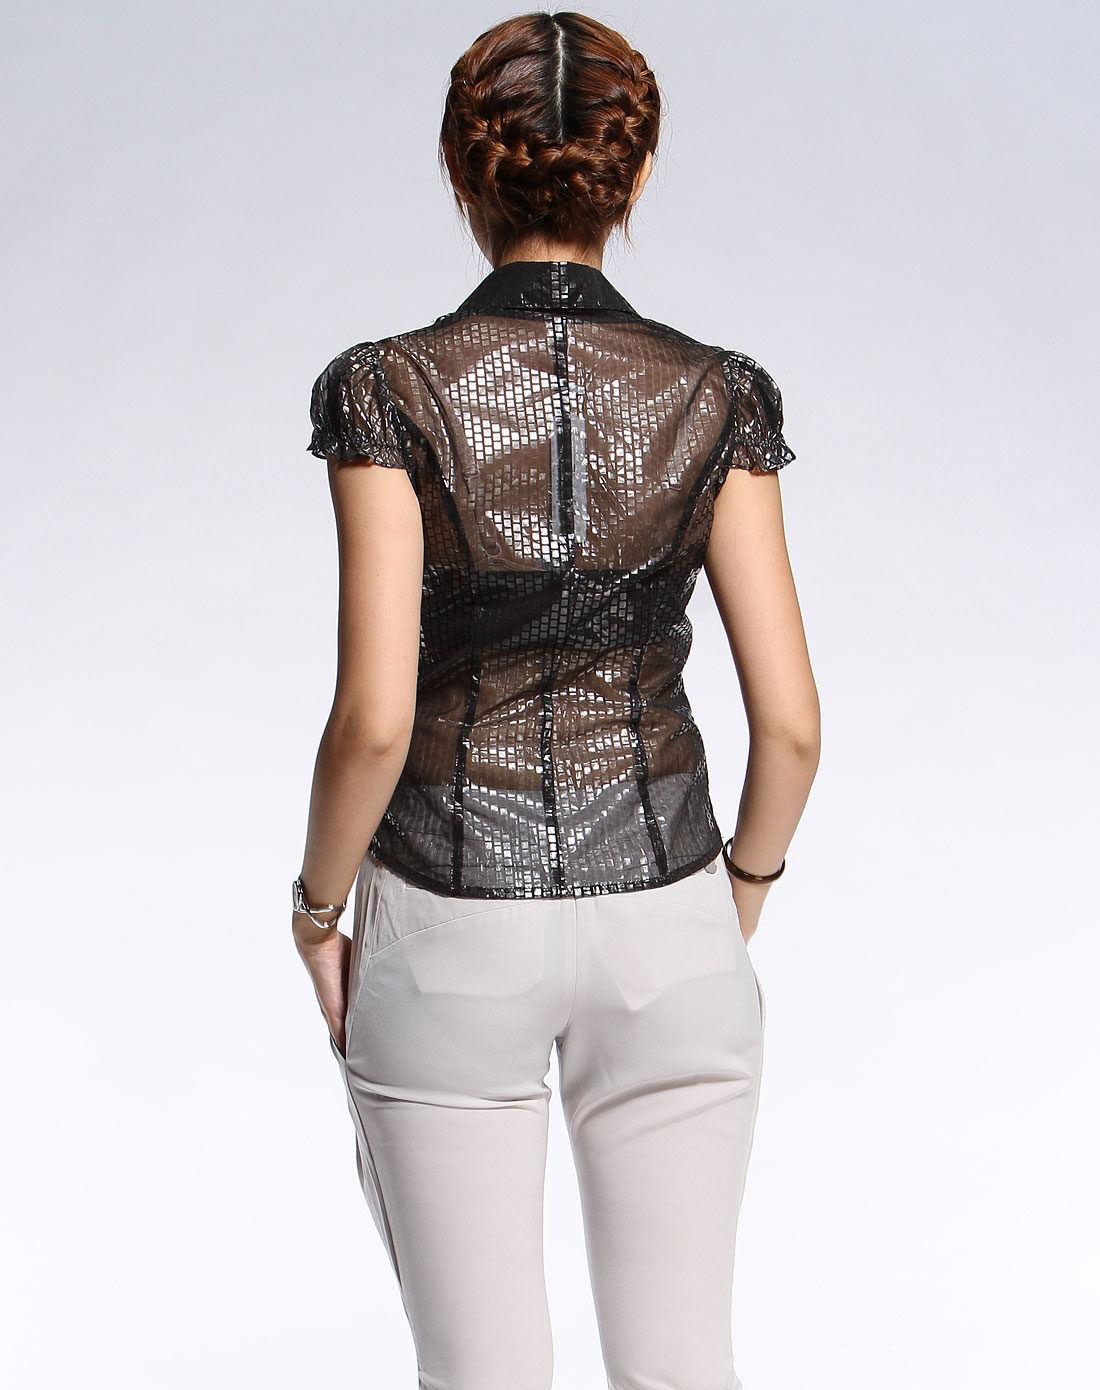 服装简画设计图